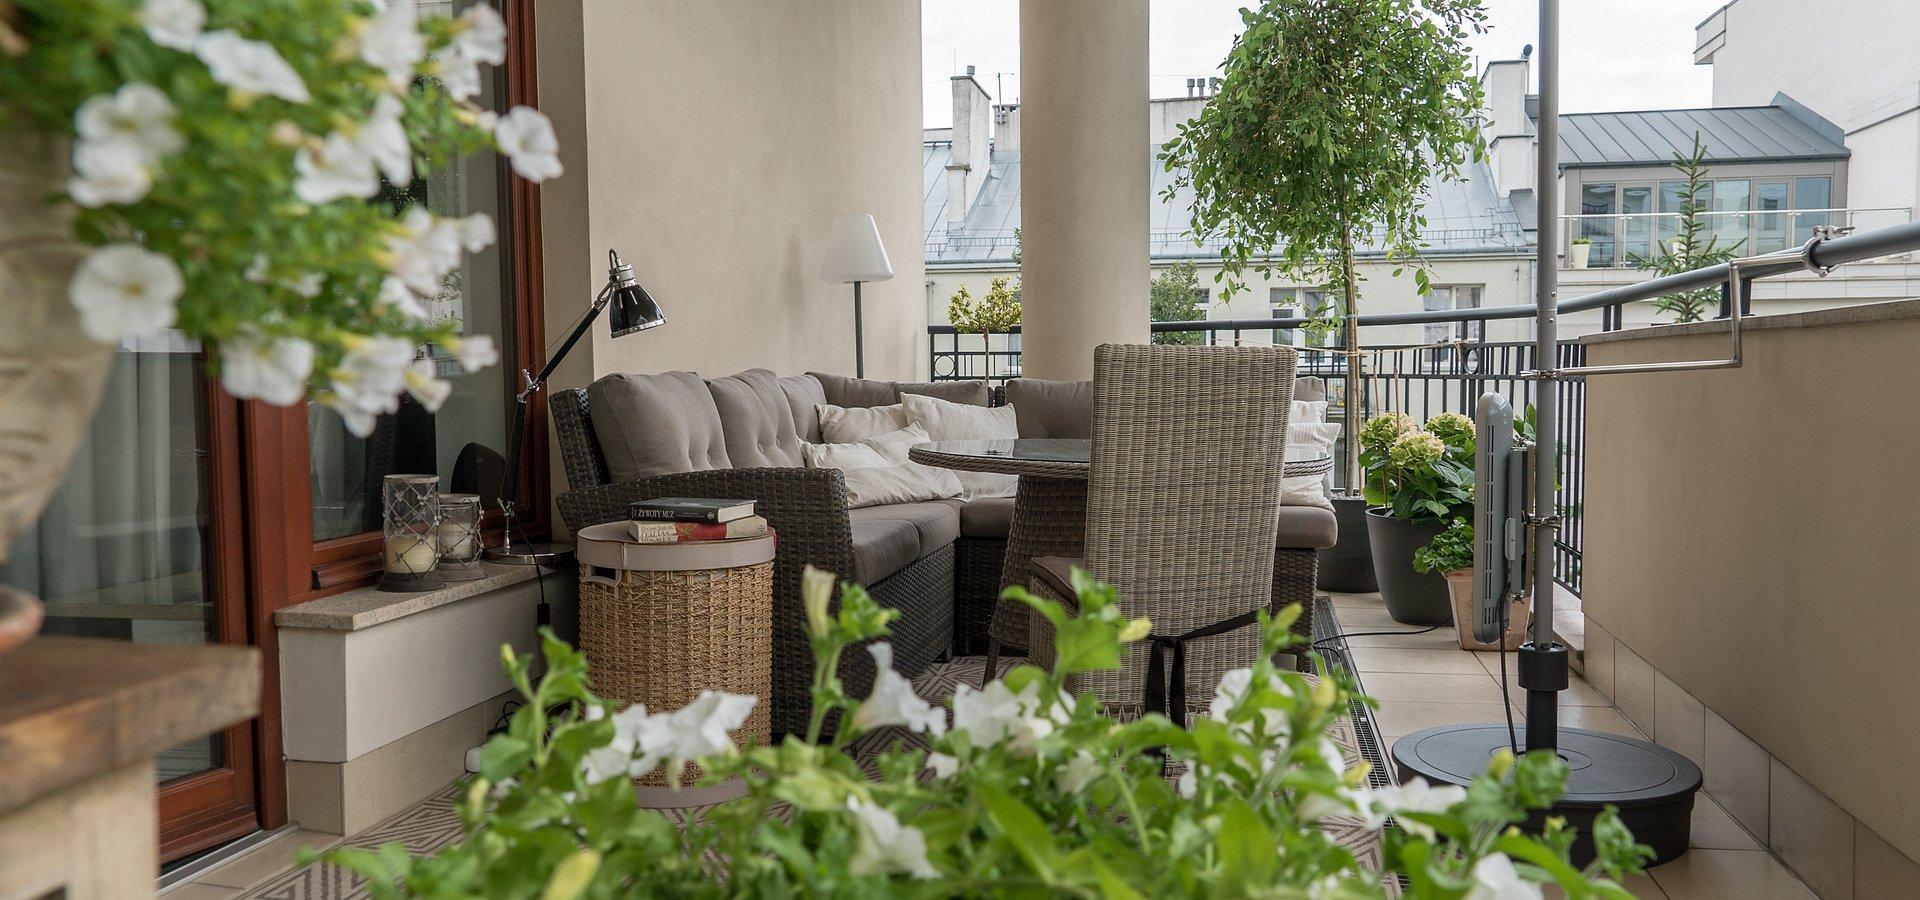 Raport Homebook.pl: niech żyją balkony i tarasy!